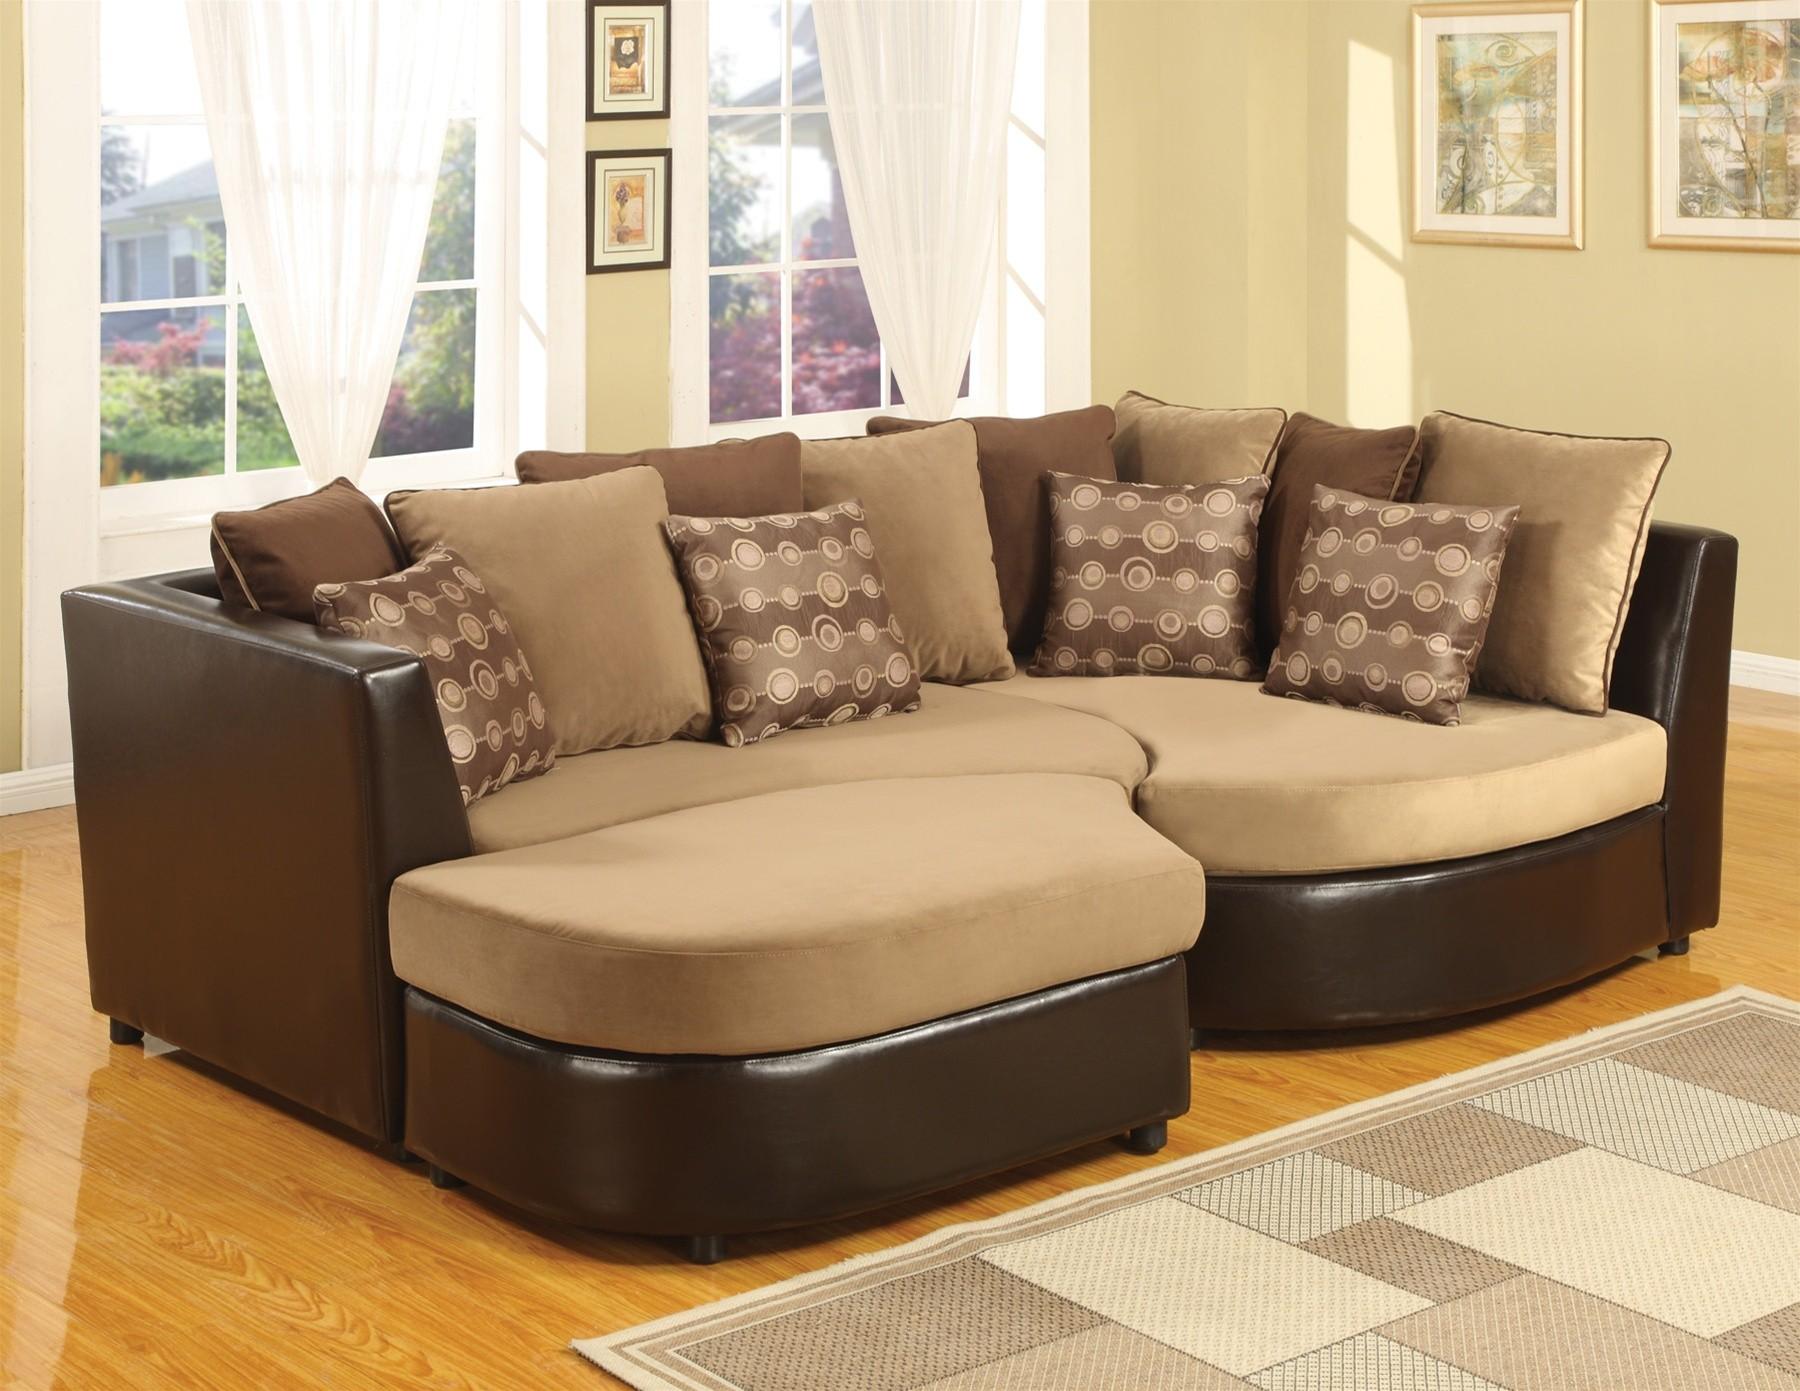 Moon Pit Sofa  Couch  Sofa Ideas Interior Design  sofaideasnet